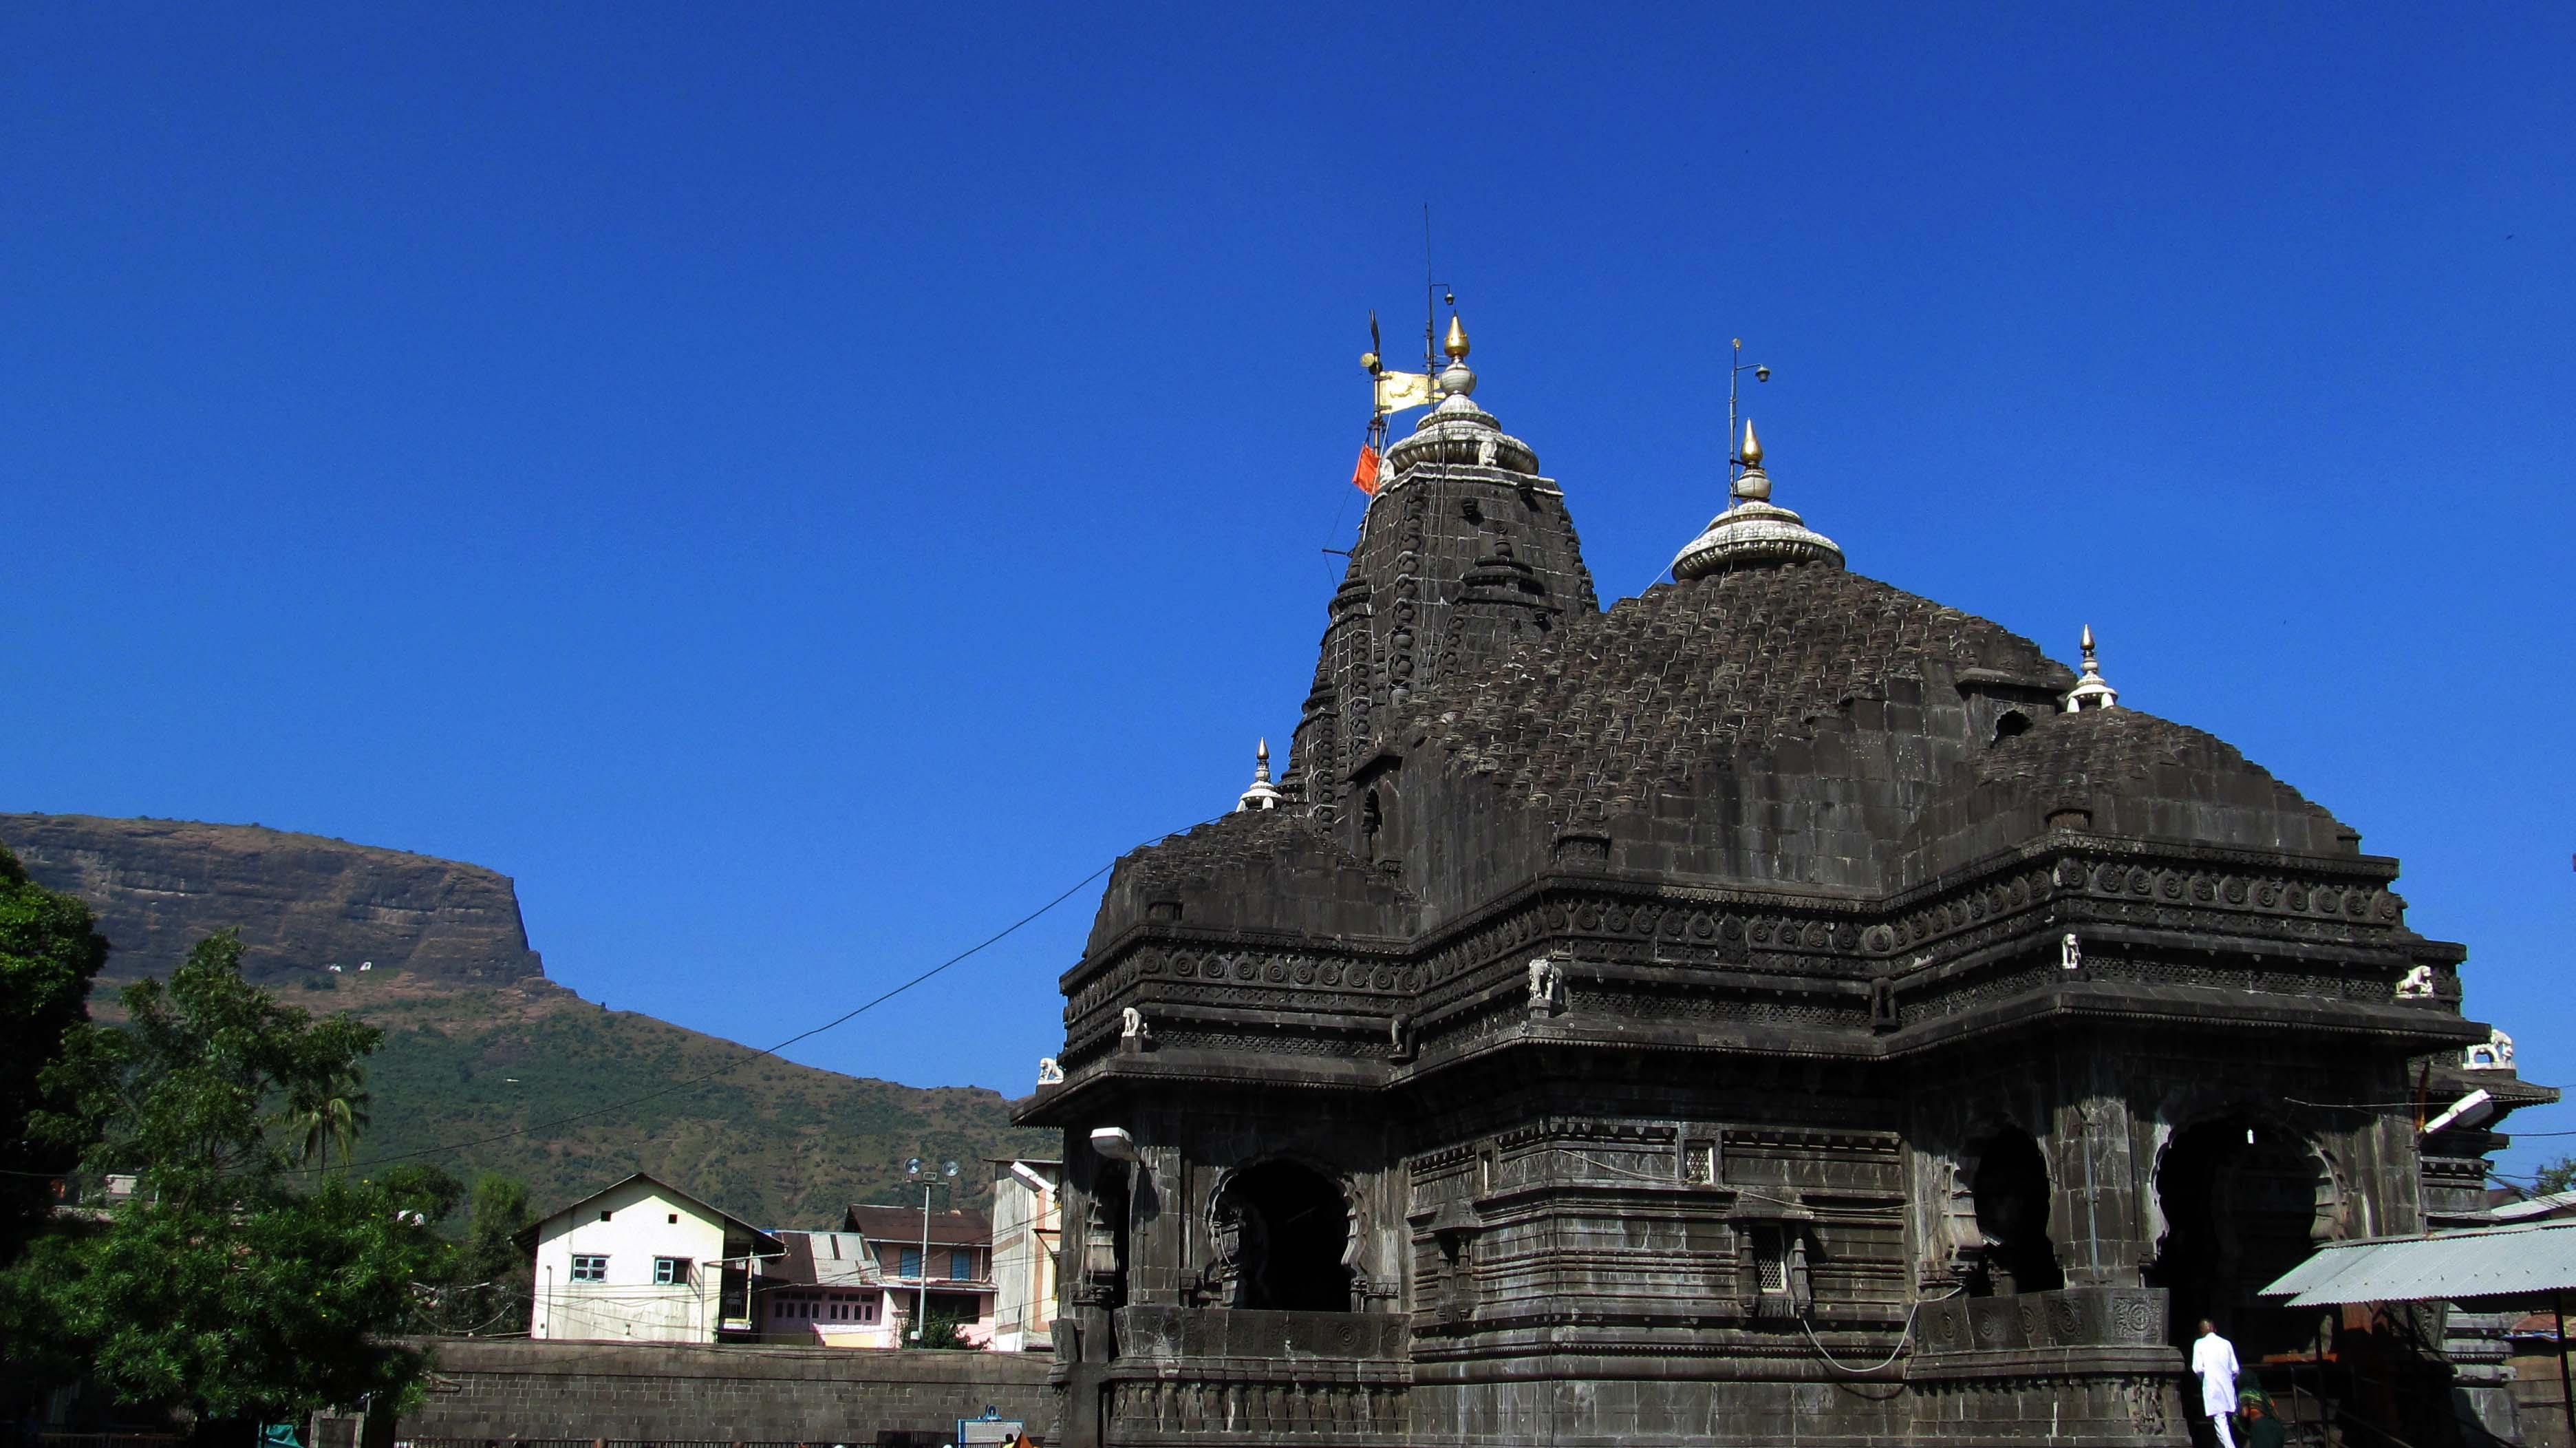 त्र्यम्बकेश्वर मन्दिर